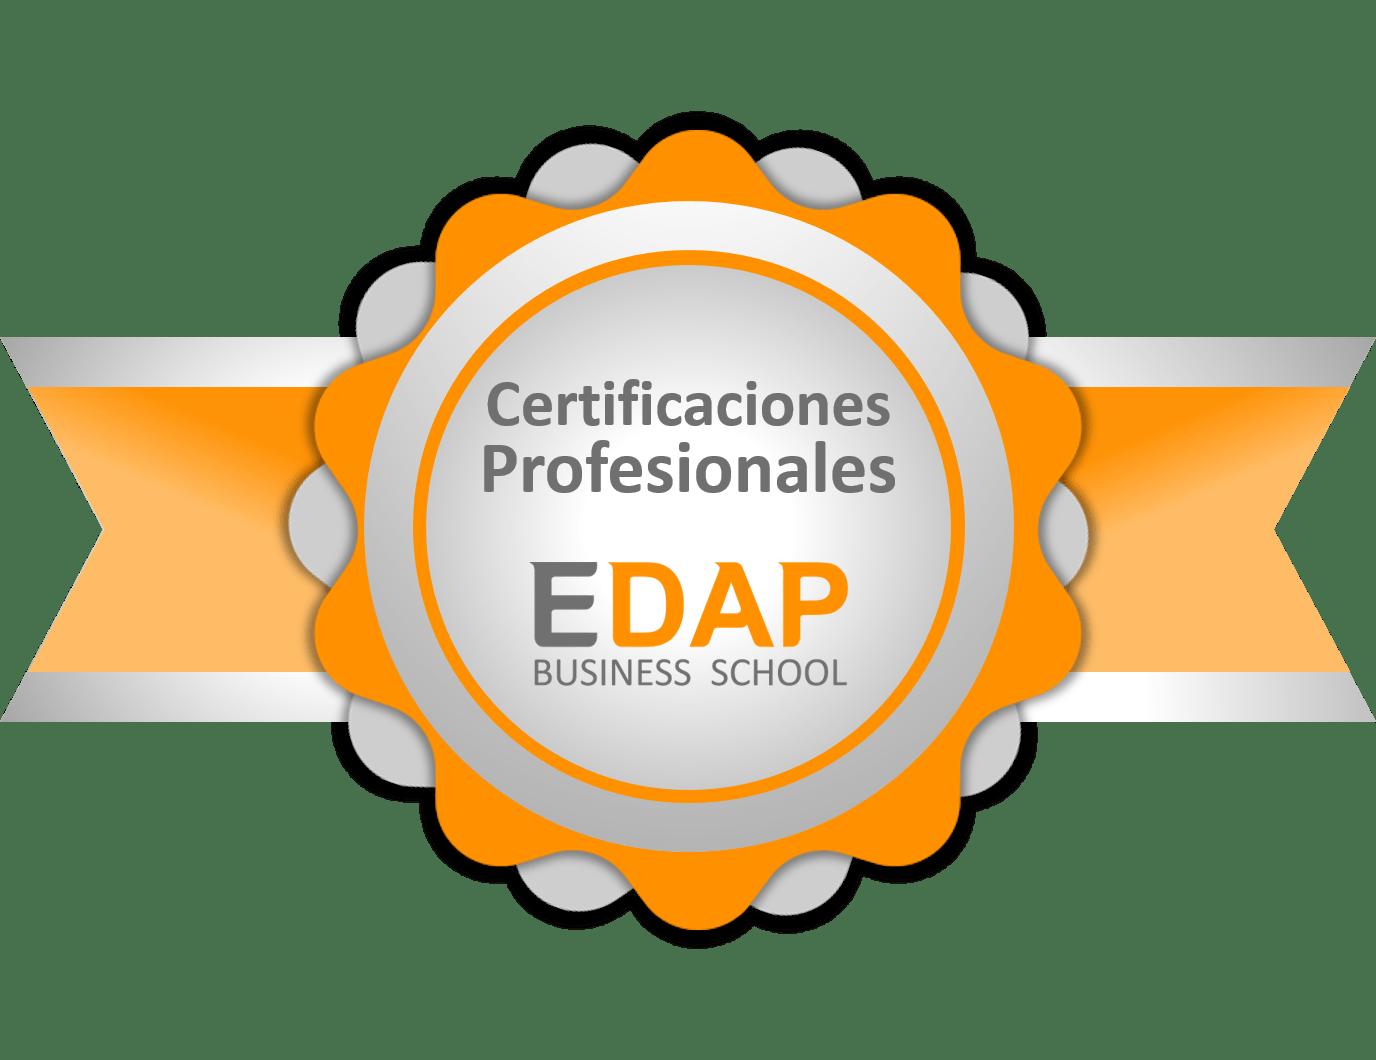 EDAP_Cursos_Certificaciones_Profesionales